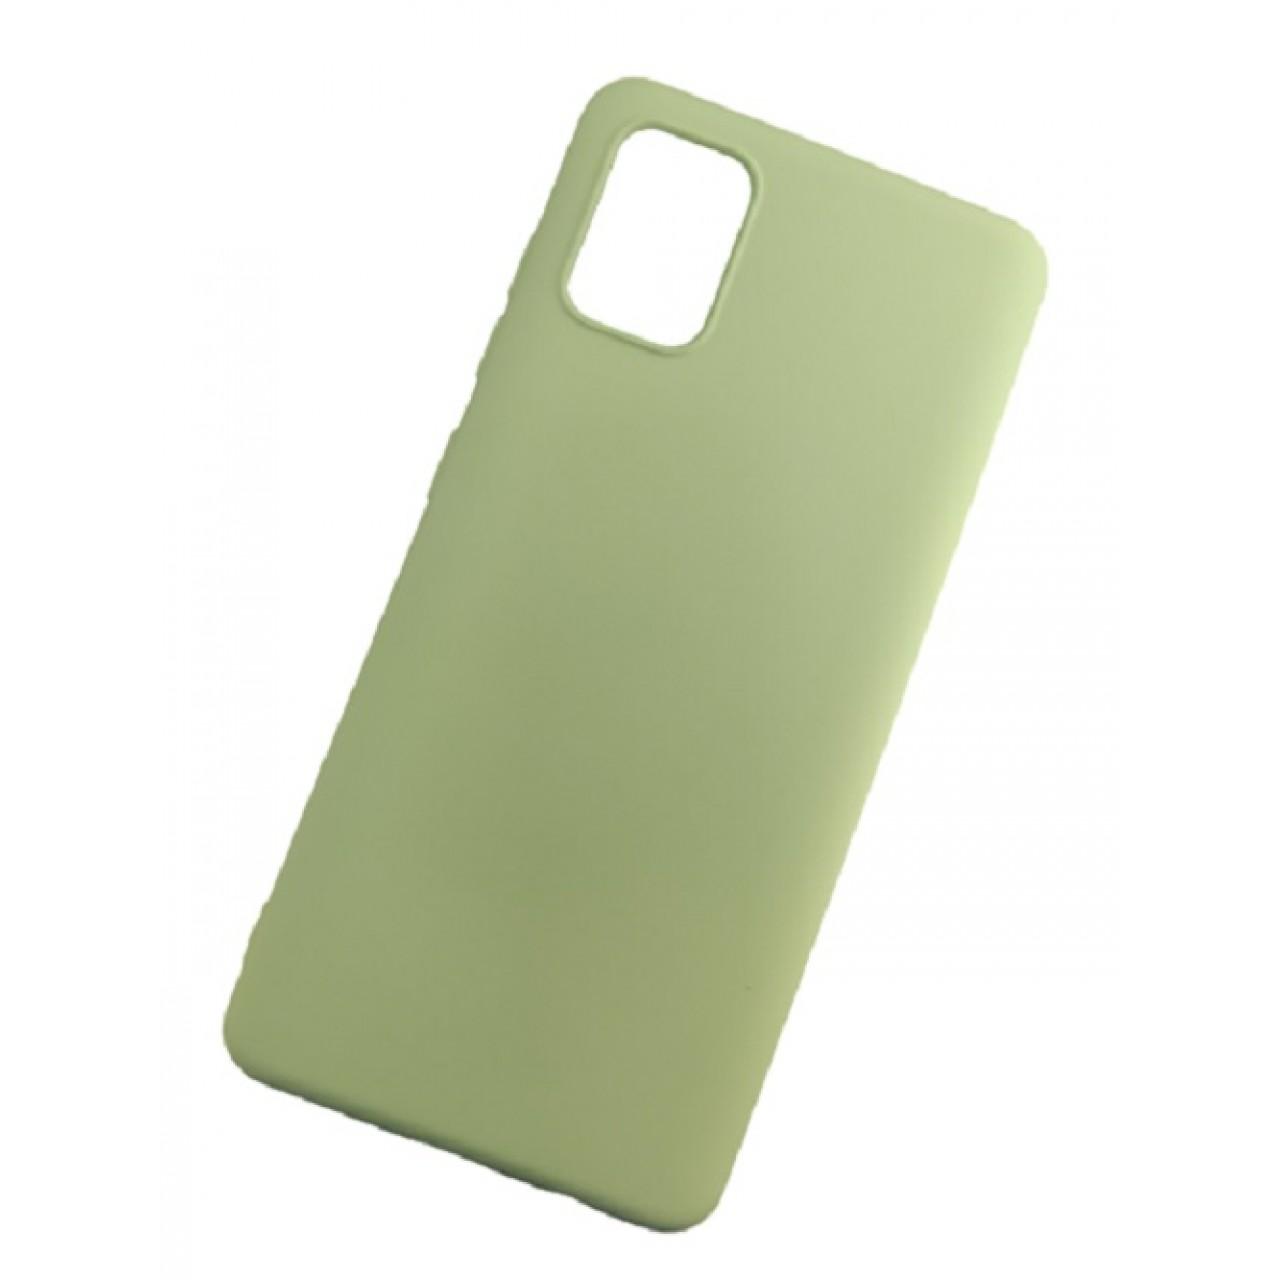 ΘΗΚΗ ΠΡΟΣΤΑΣΙΑΣ ΣΙΛΙΚΟΝΗΣ ΓΙΑ Samsung A71 ΜΕΝΤΑ - BACK COVER SILICONE CASE MINT - OEM